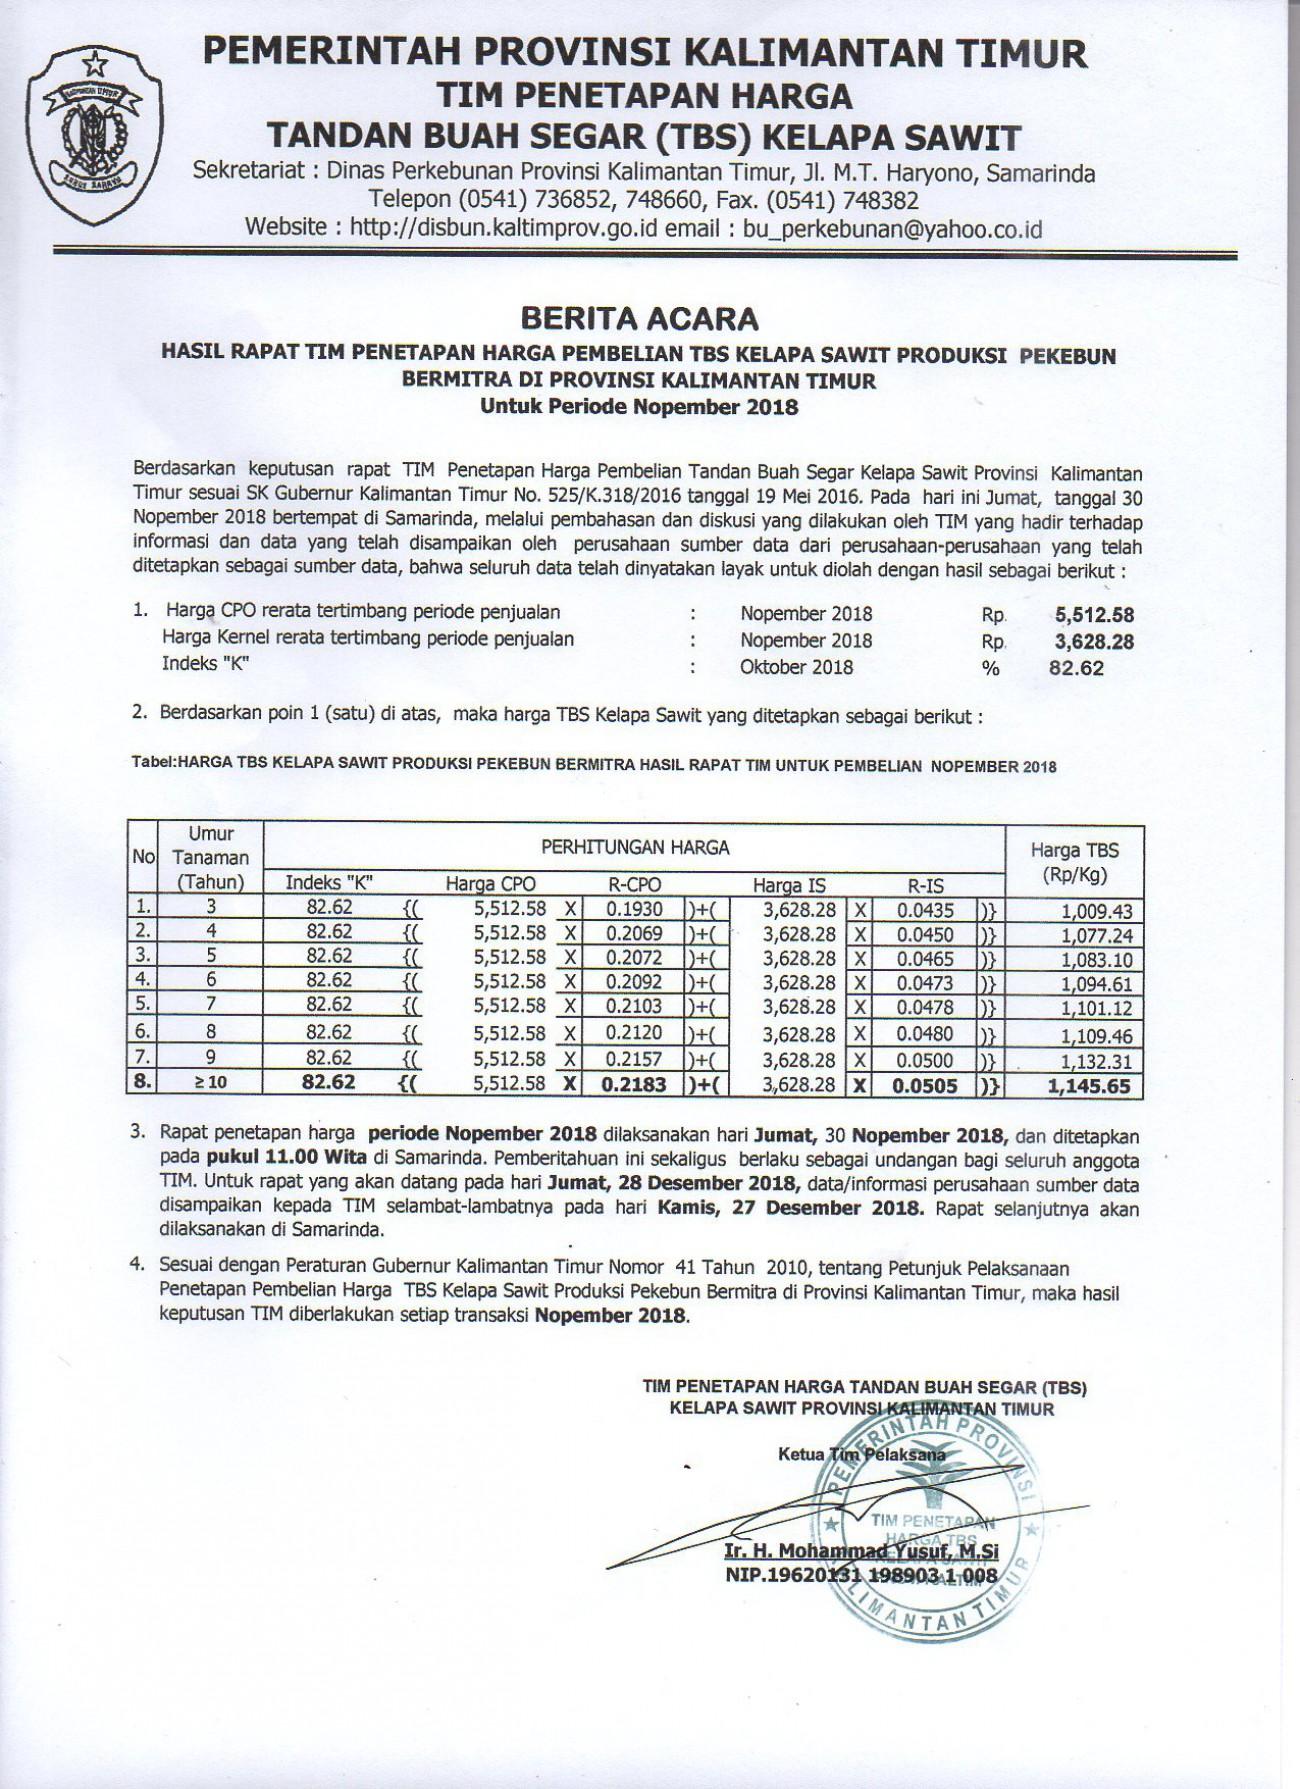 Informasi Harga TBS Kelapa Sawit Bulan November 2018